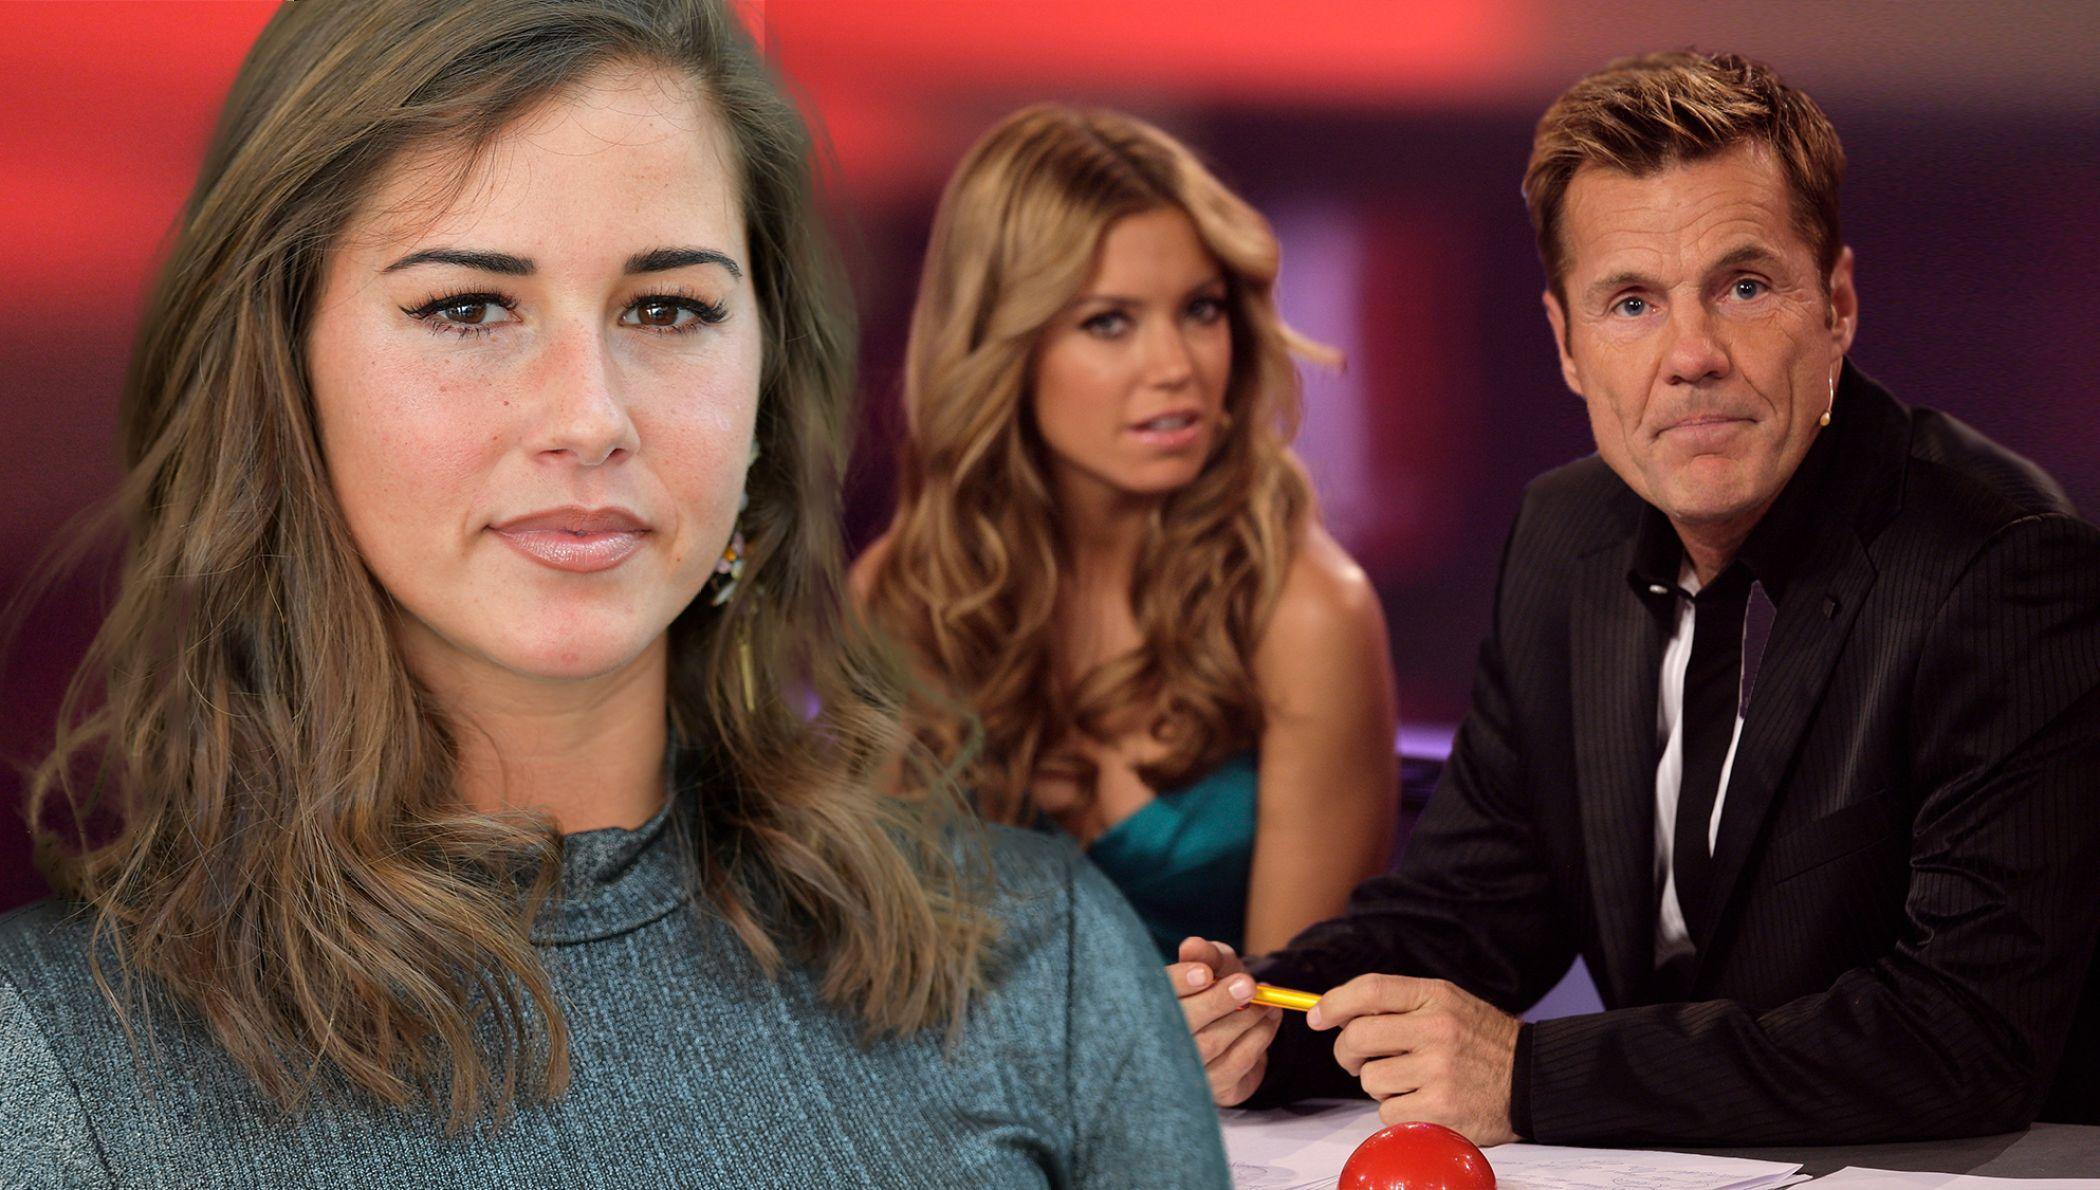 Sarah Lombardi Geheim Pakt Mit Dieter Bohlen Das Steckt Hinter Sylvies Supertalent Aus Super Talent Dieter Bohlen Sarah Lombardi